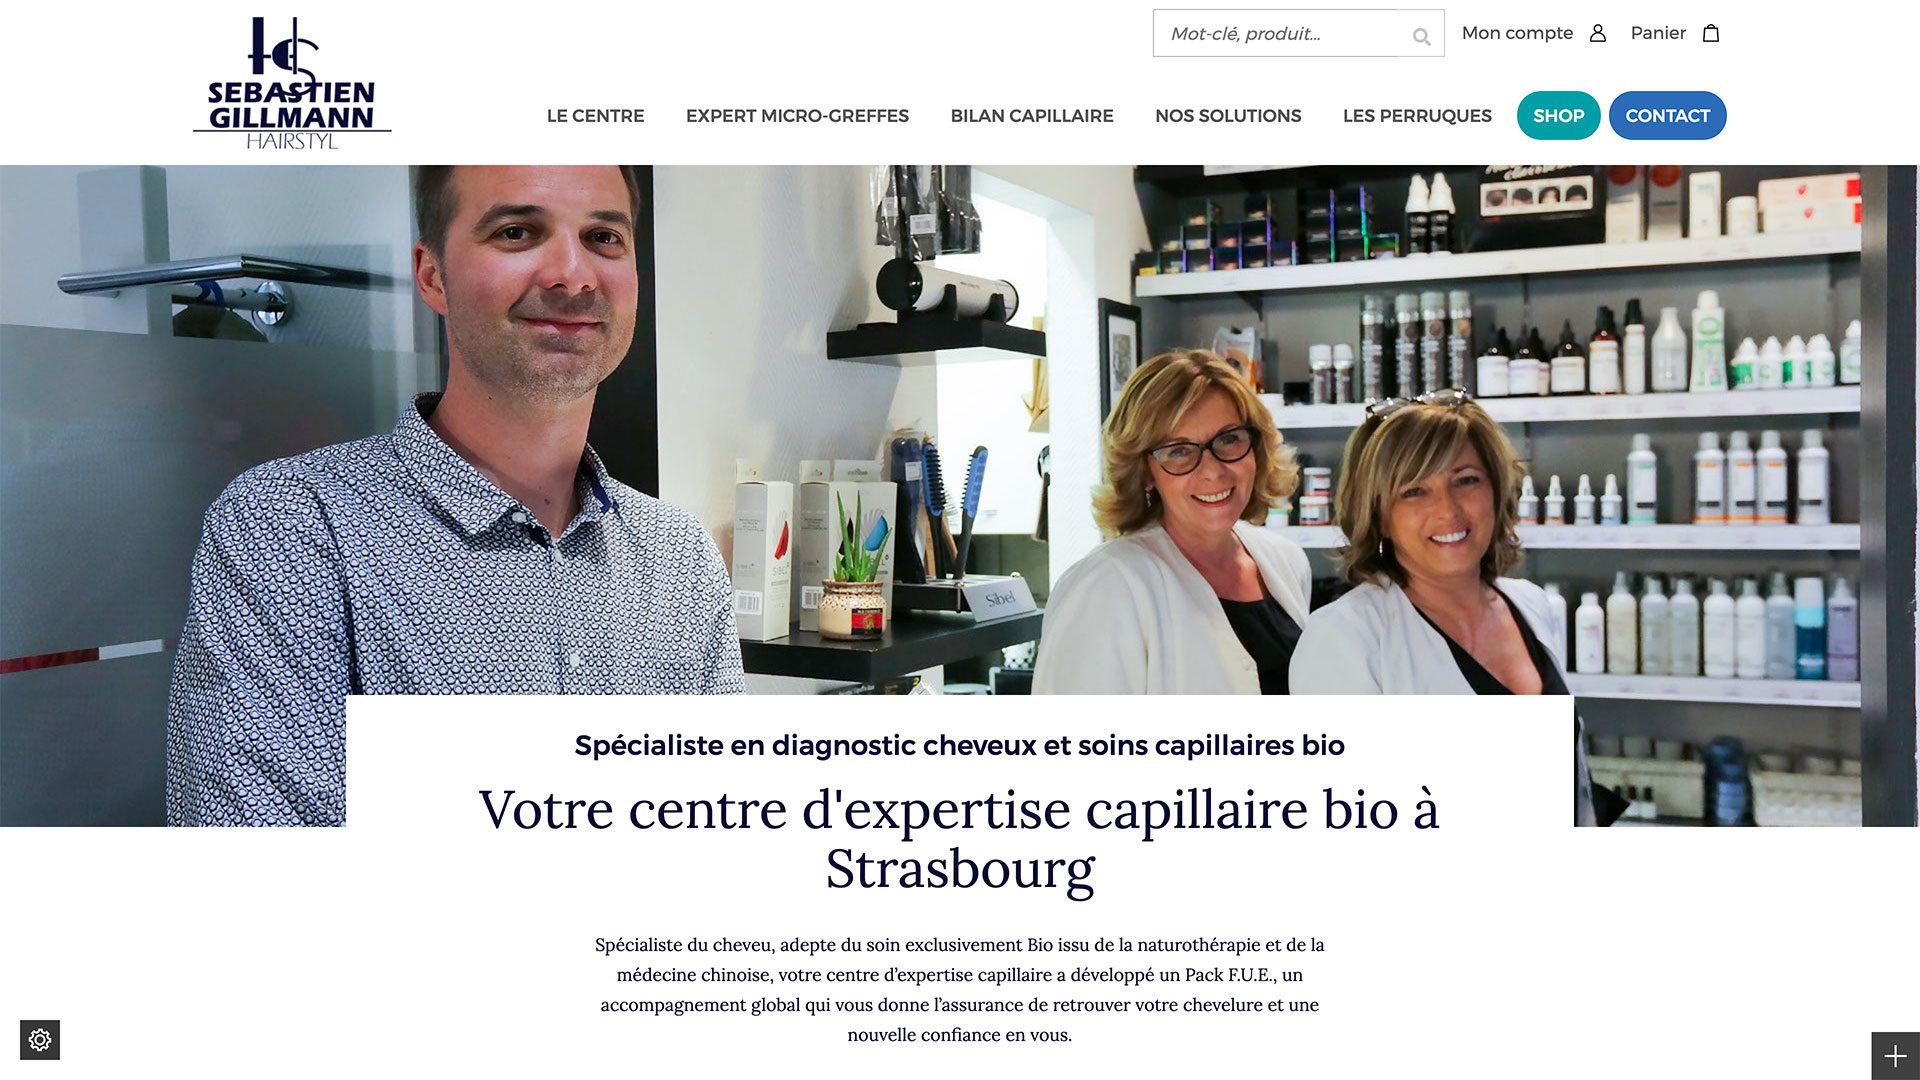 sebastien-gillmann.com